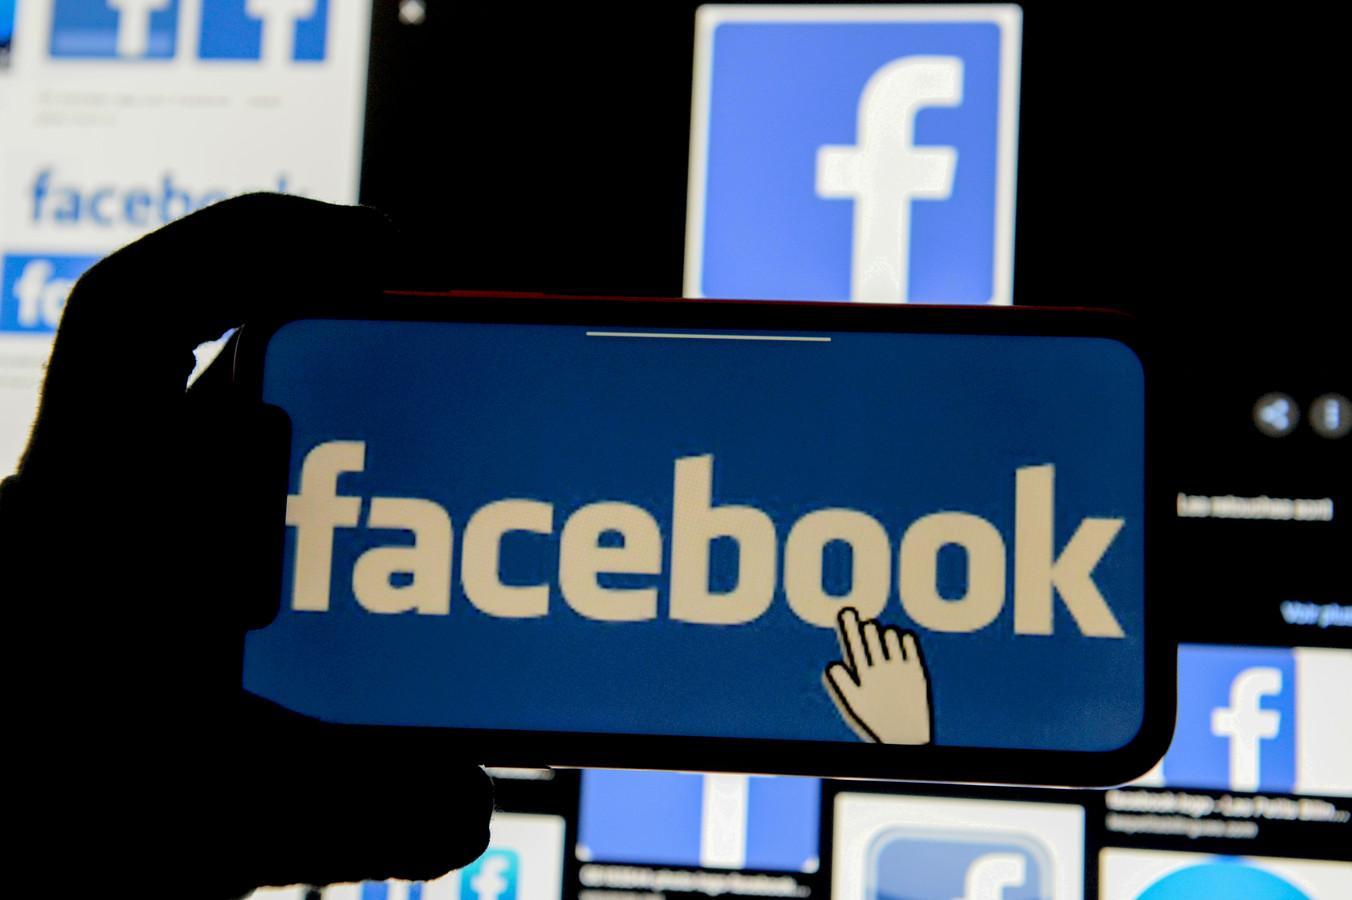 Facebook is in de VS bezig met een test om gebruikers een pop-up te tonen met de vraag of ze bezorgd zijn dat een vriend extremist wordt.